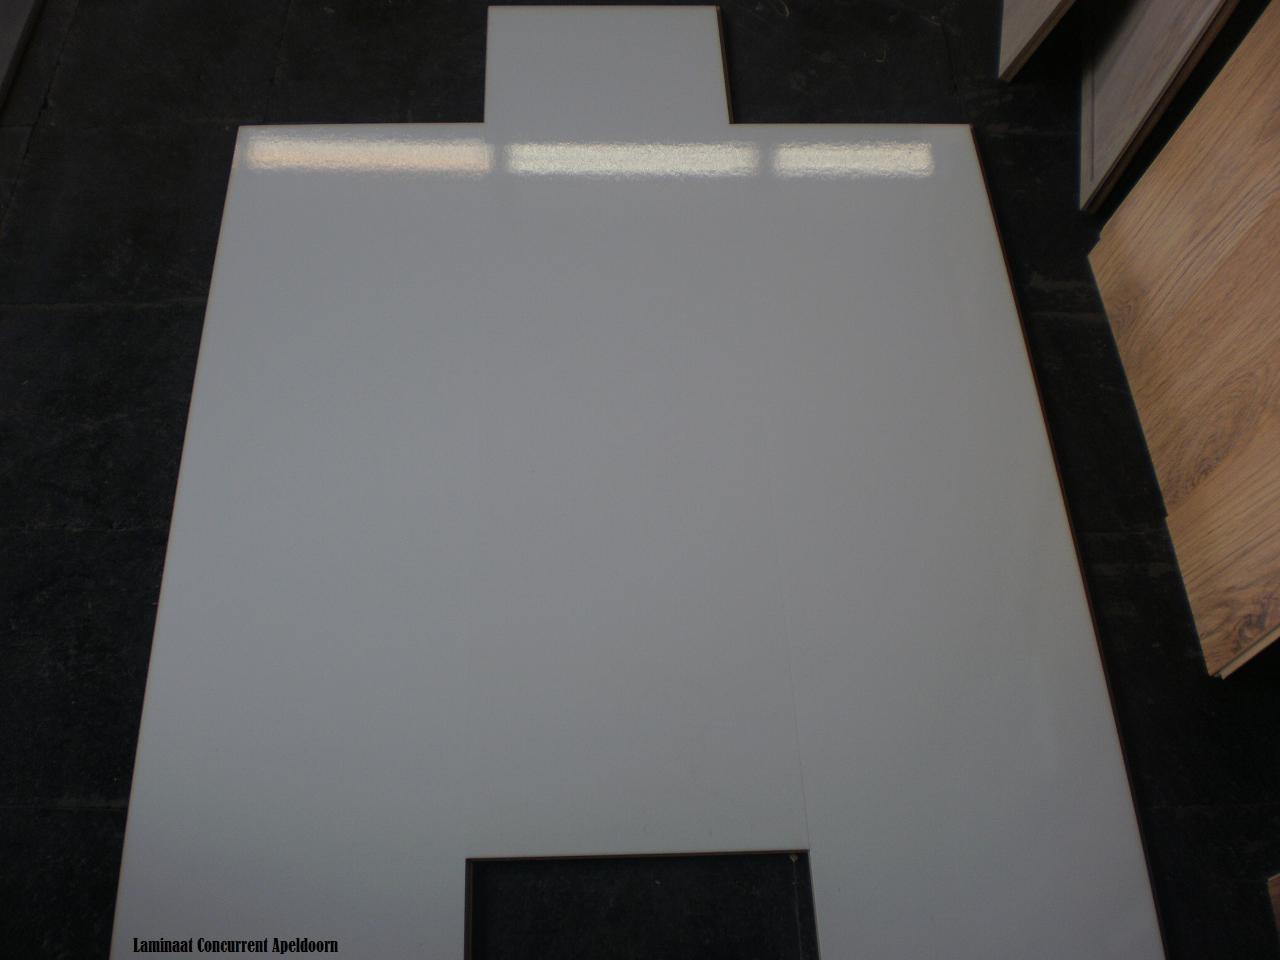 Wit laminaat goedkoop goedkoop tegel laminaat finest goedkoop